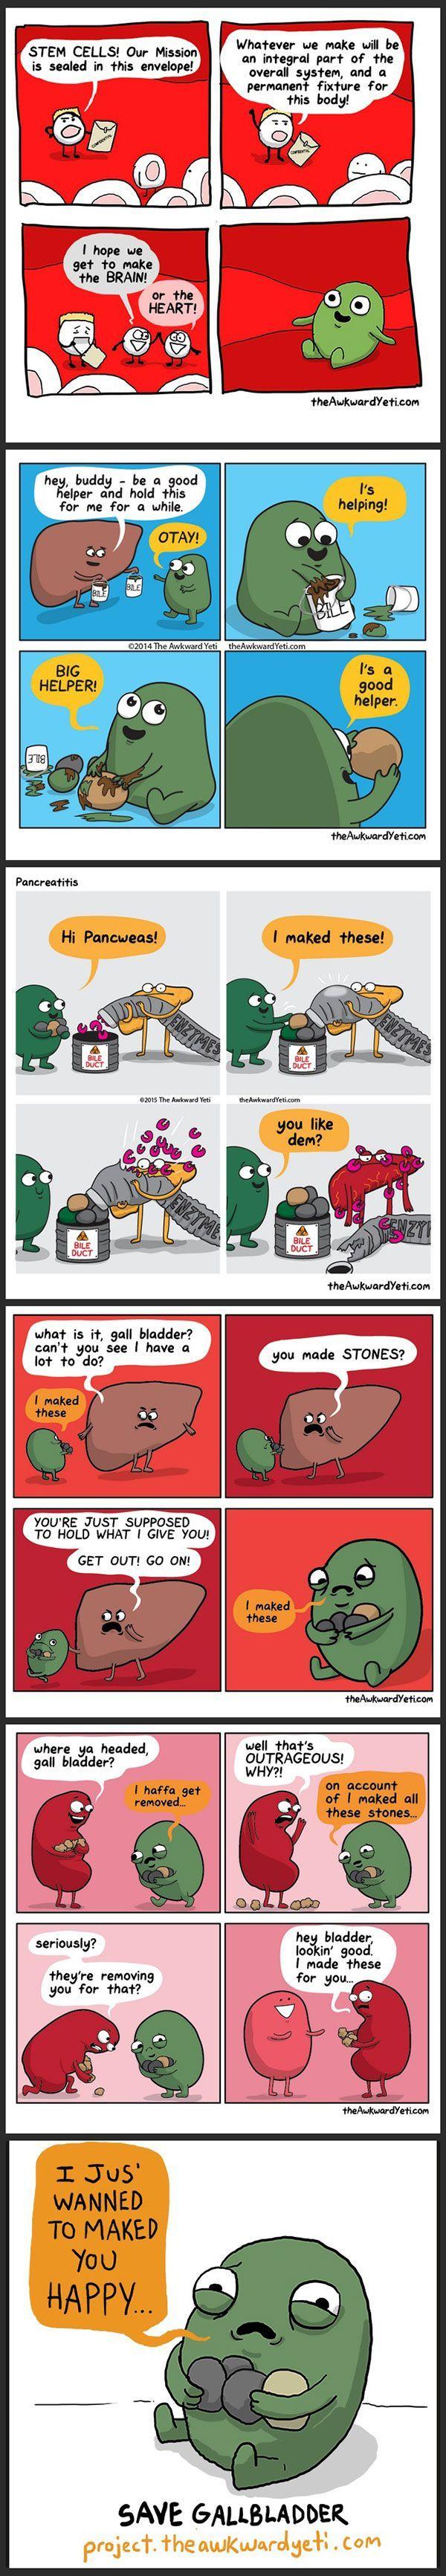 Meet Gallbladder...my favorite non-essential organ.